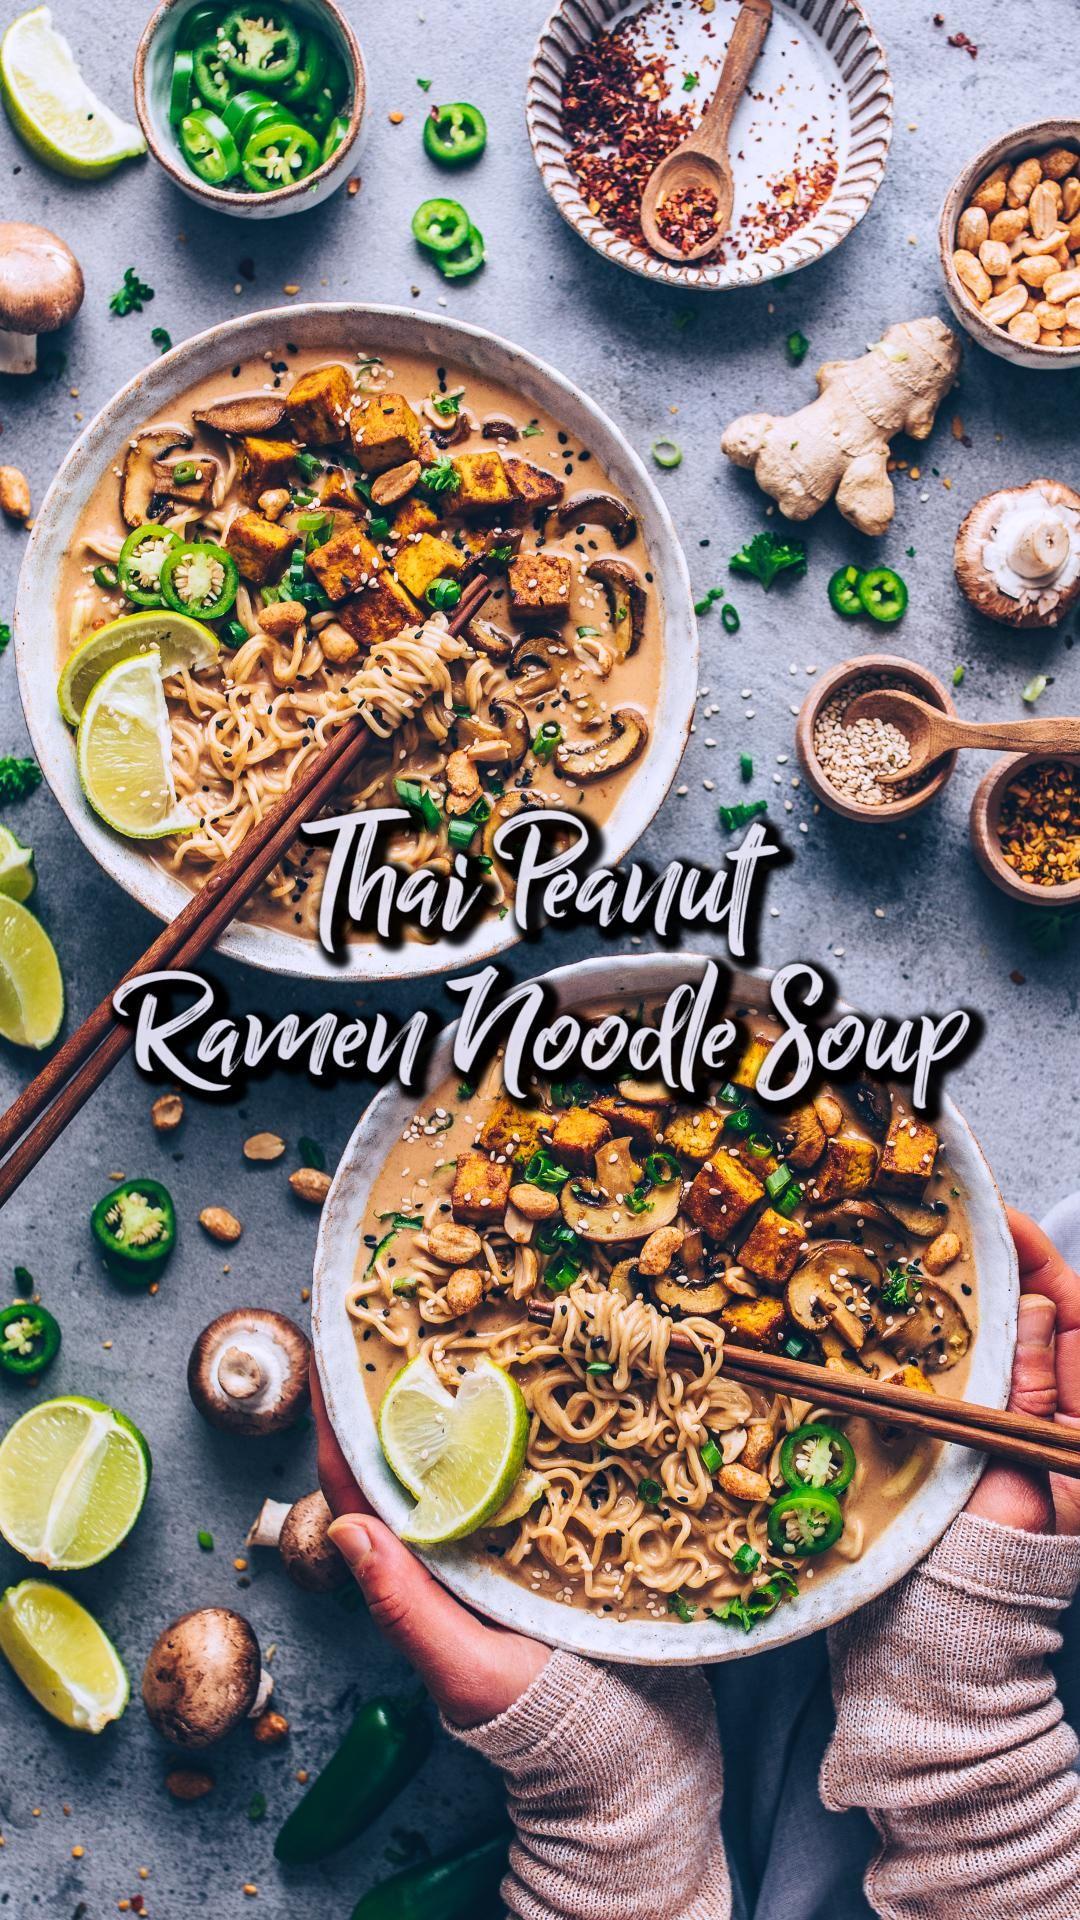 Thai Peanut Ramen Noodle Soup (Vegan